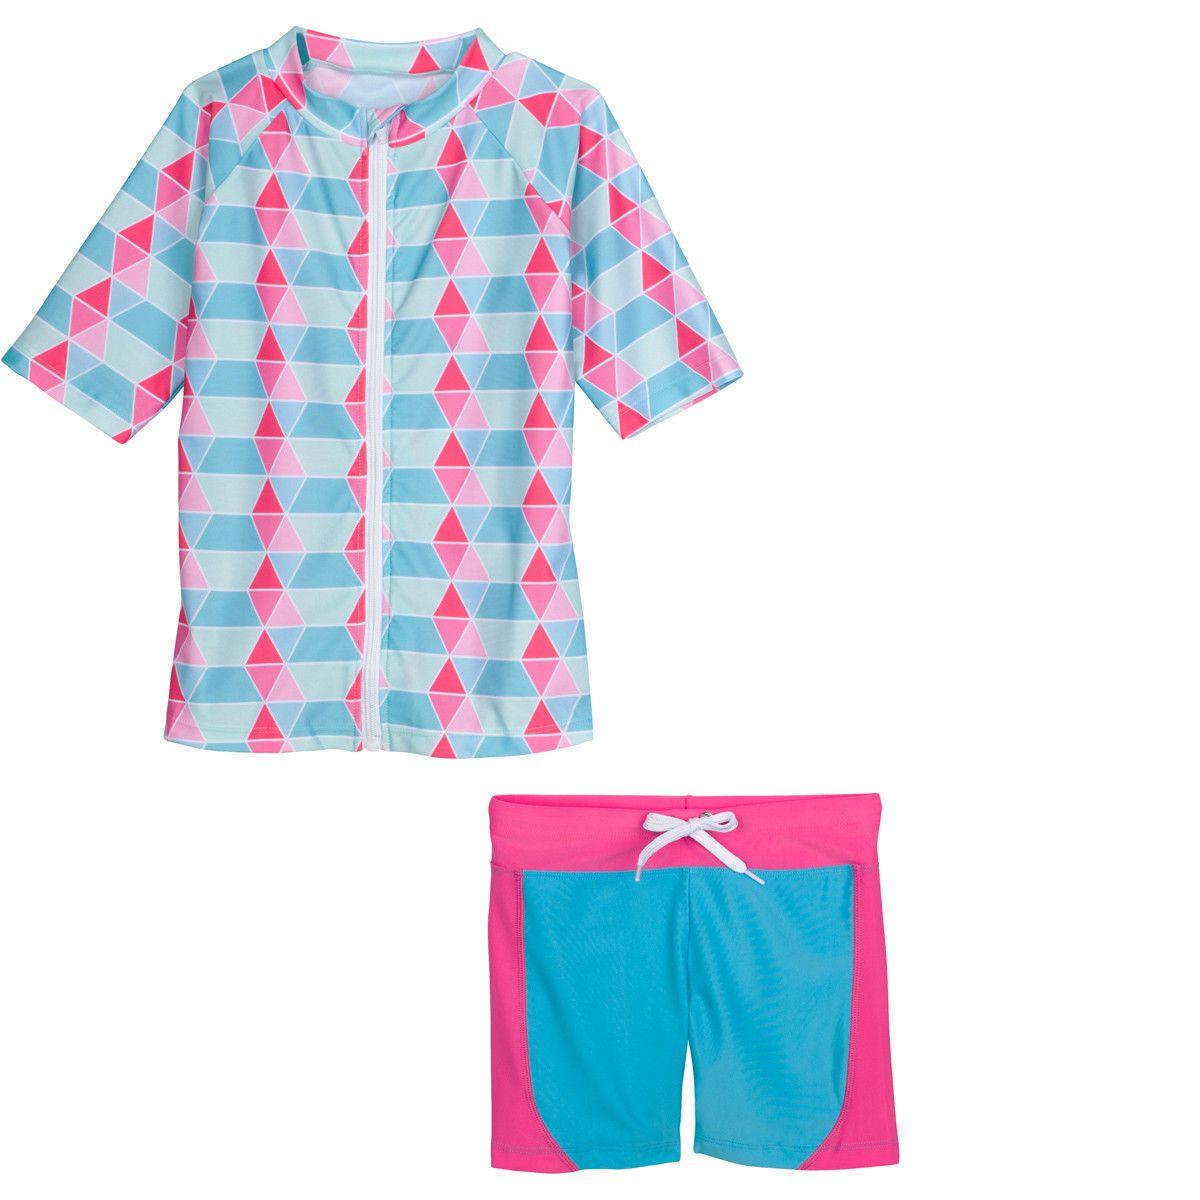 336084556d Little Girl Short Sleeve Rash Guard Shorts Set - 2 Piece